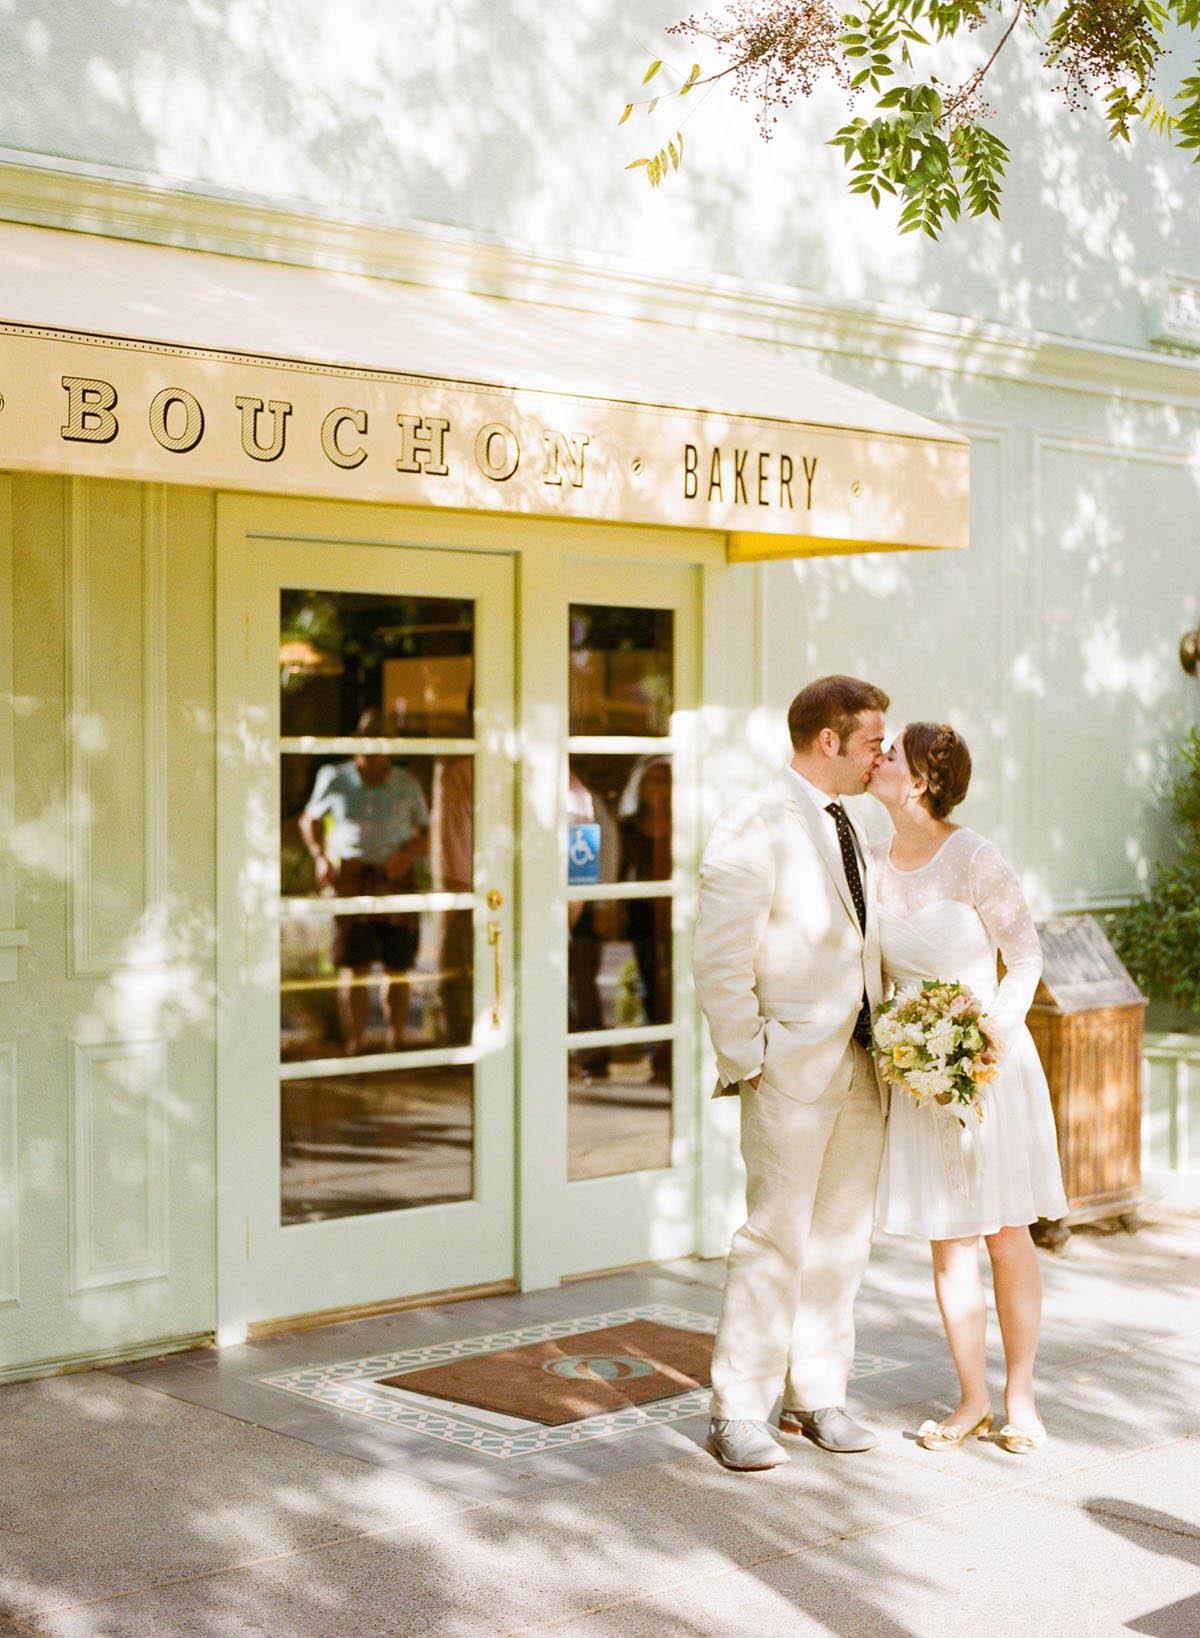 28-bride-groom-bouchon-bakery.jpg